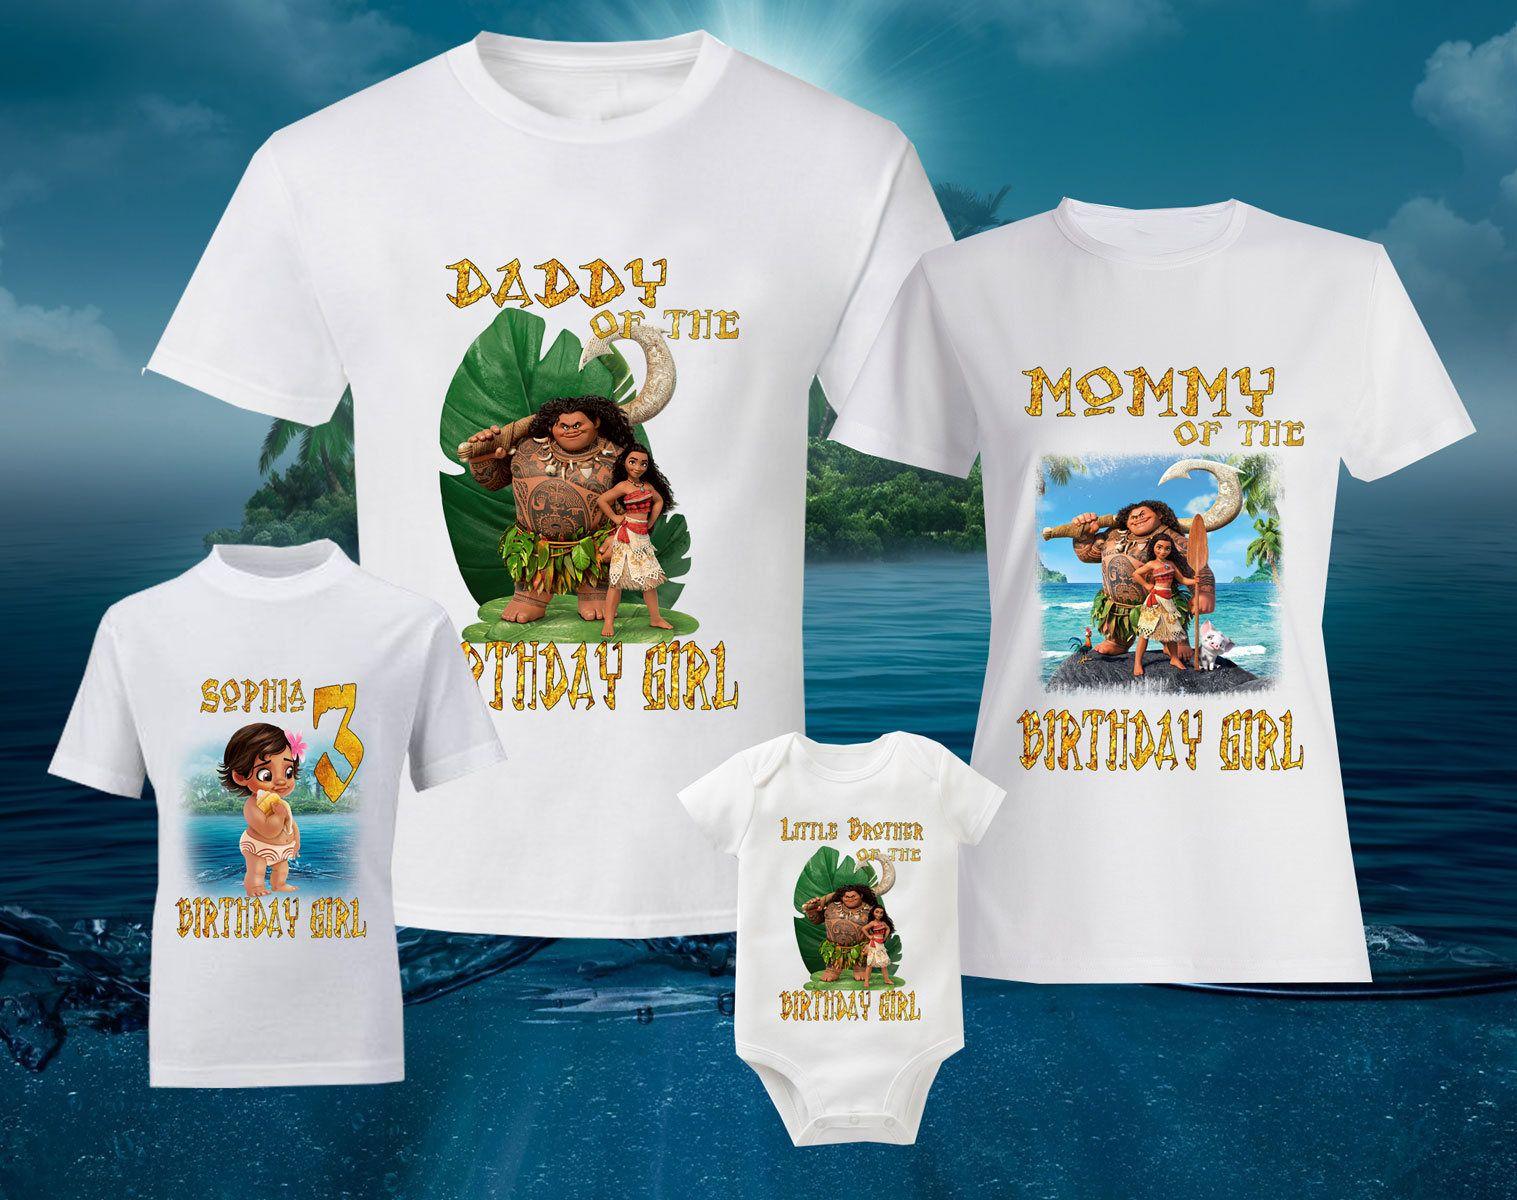 bb5e6b22 Birthday Disney T-Shirts Personalized Moana Shirt Moana Custom Family  Shirts Birthday T-shirts by BestDesignStoreGifts on Etsy